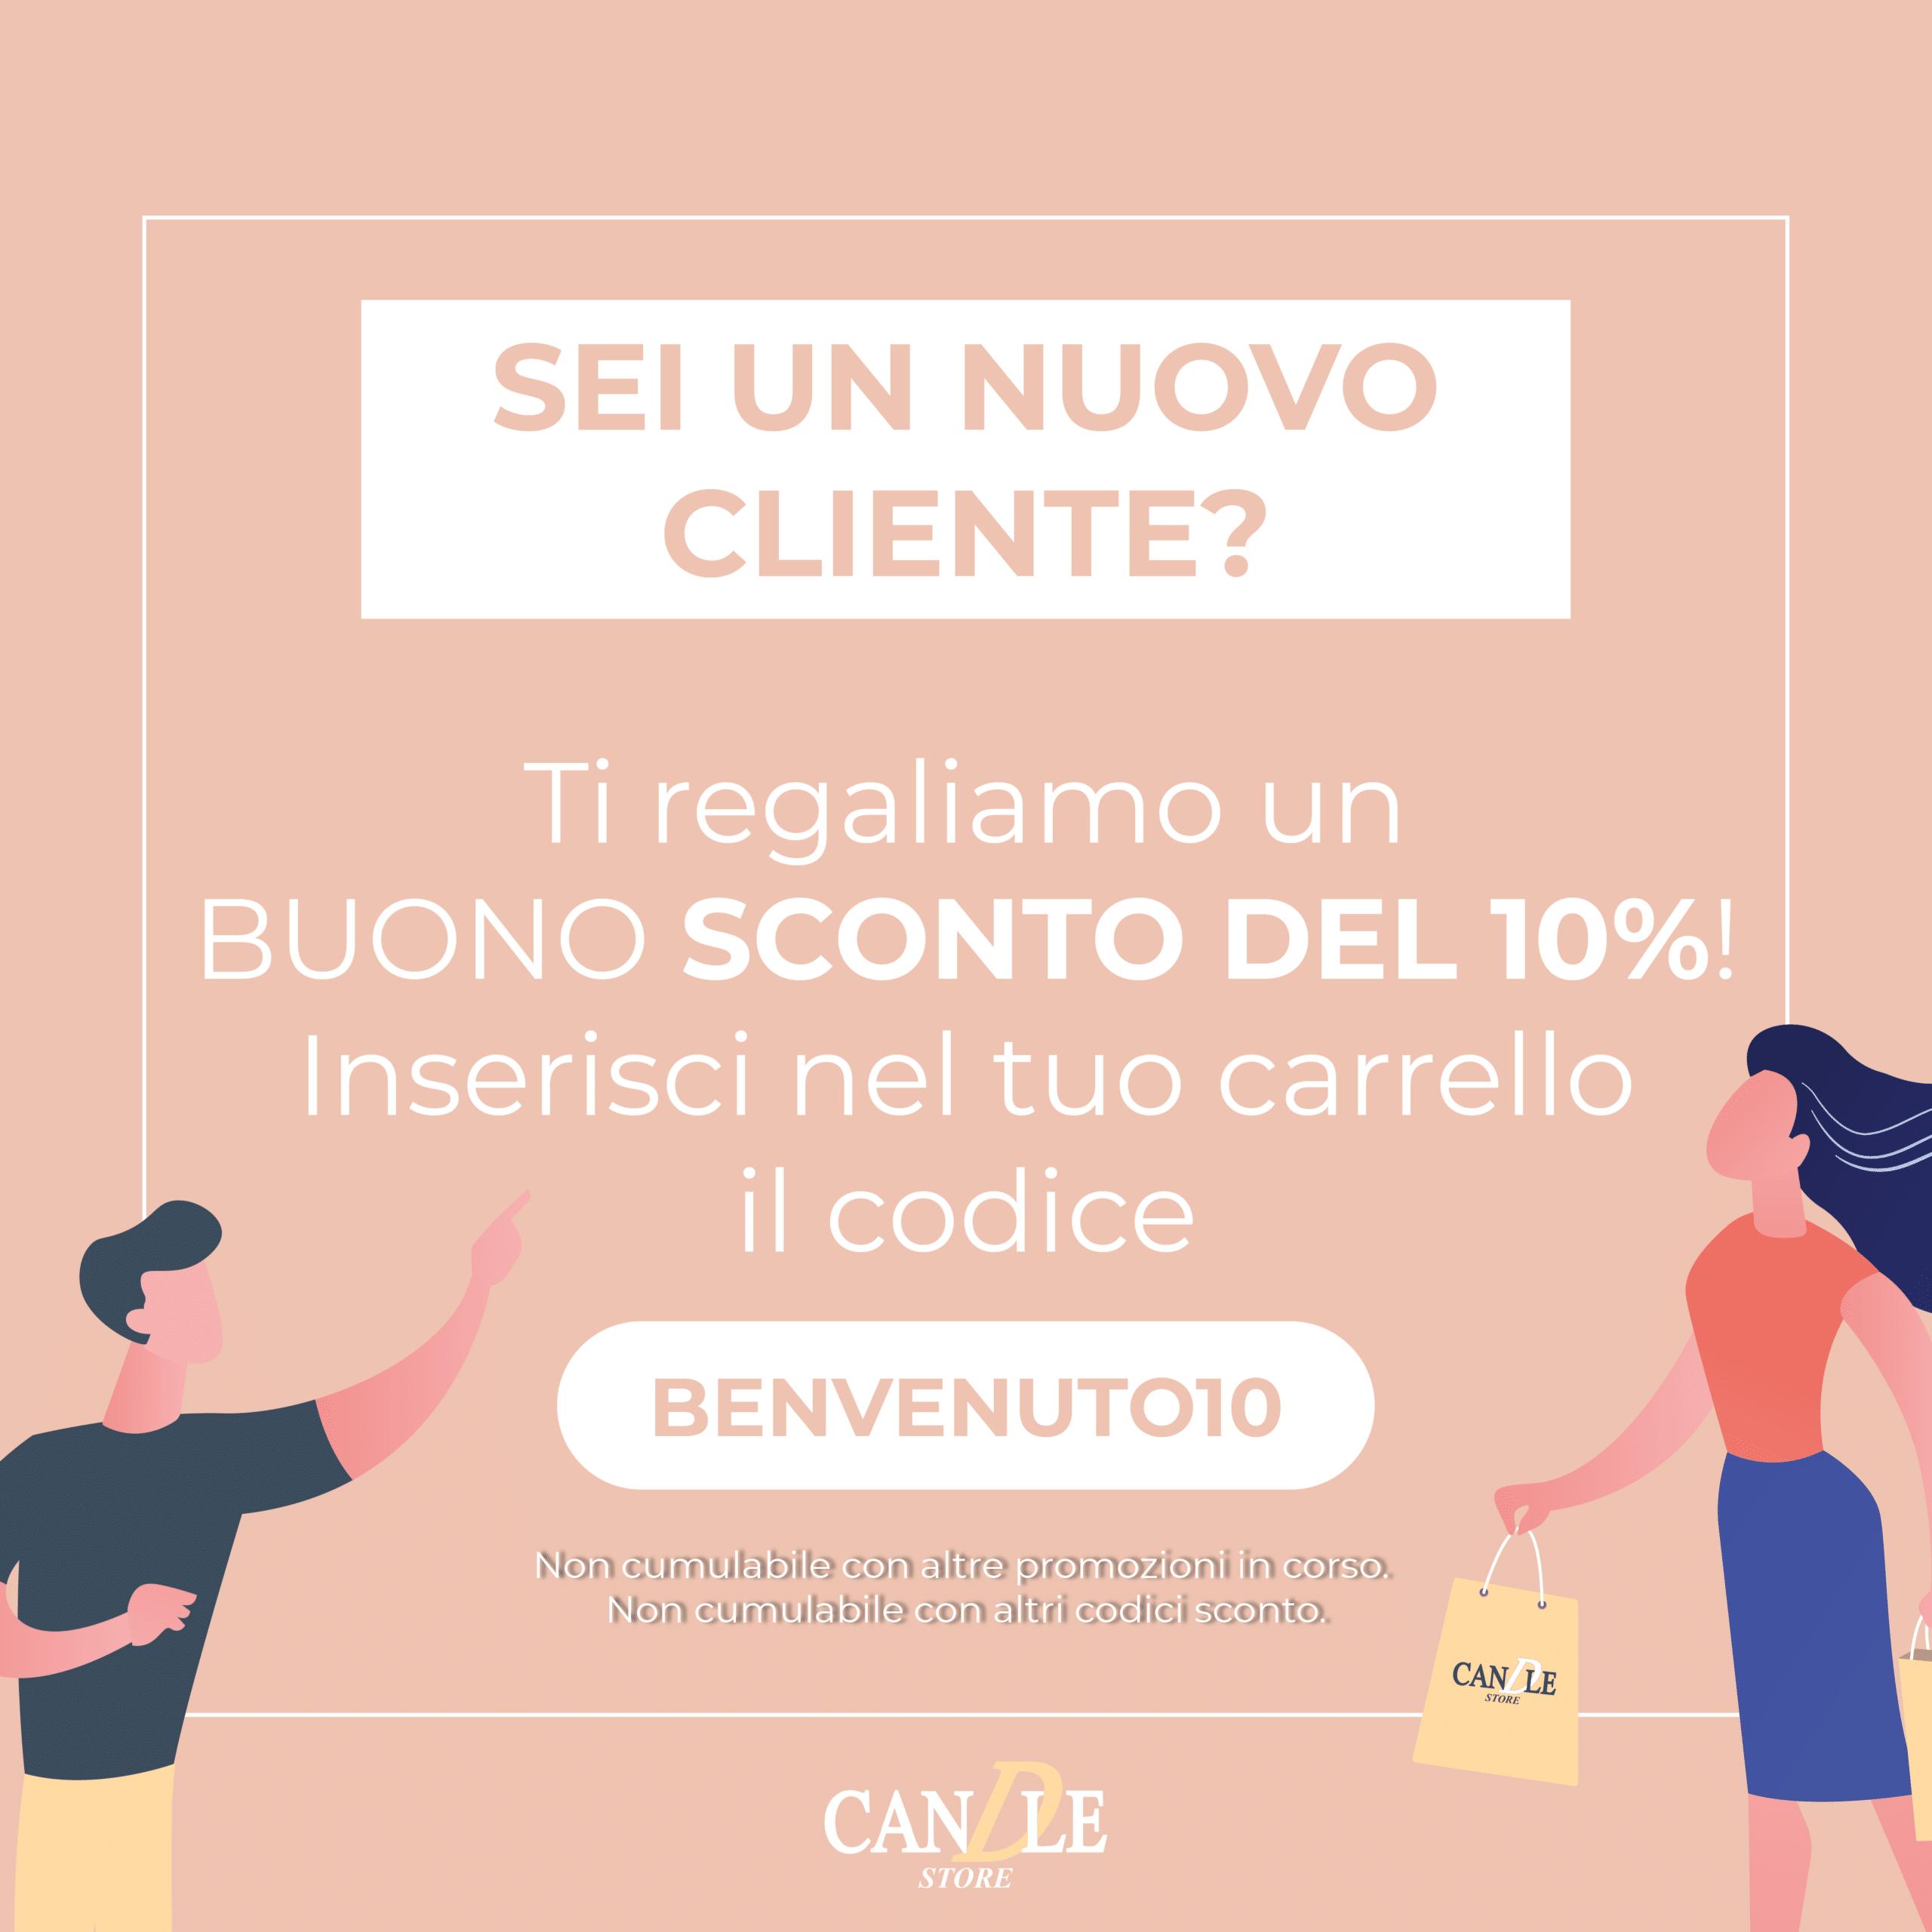 Buono Sconto Nuovo Cliente - Candle Store